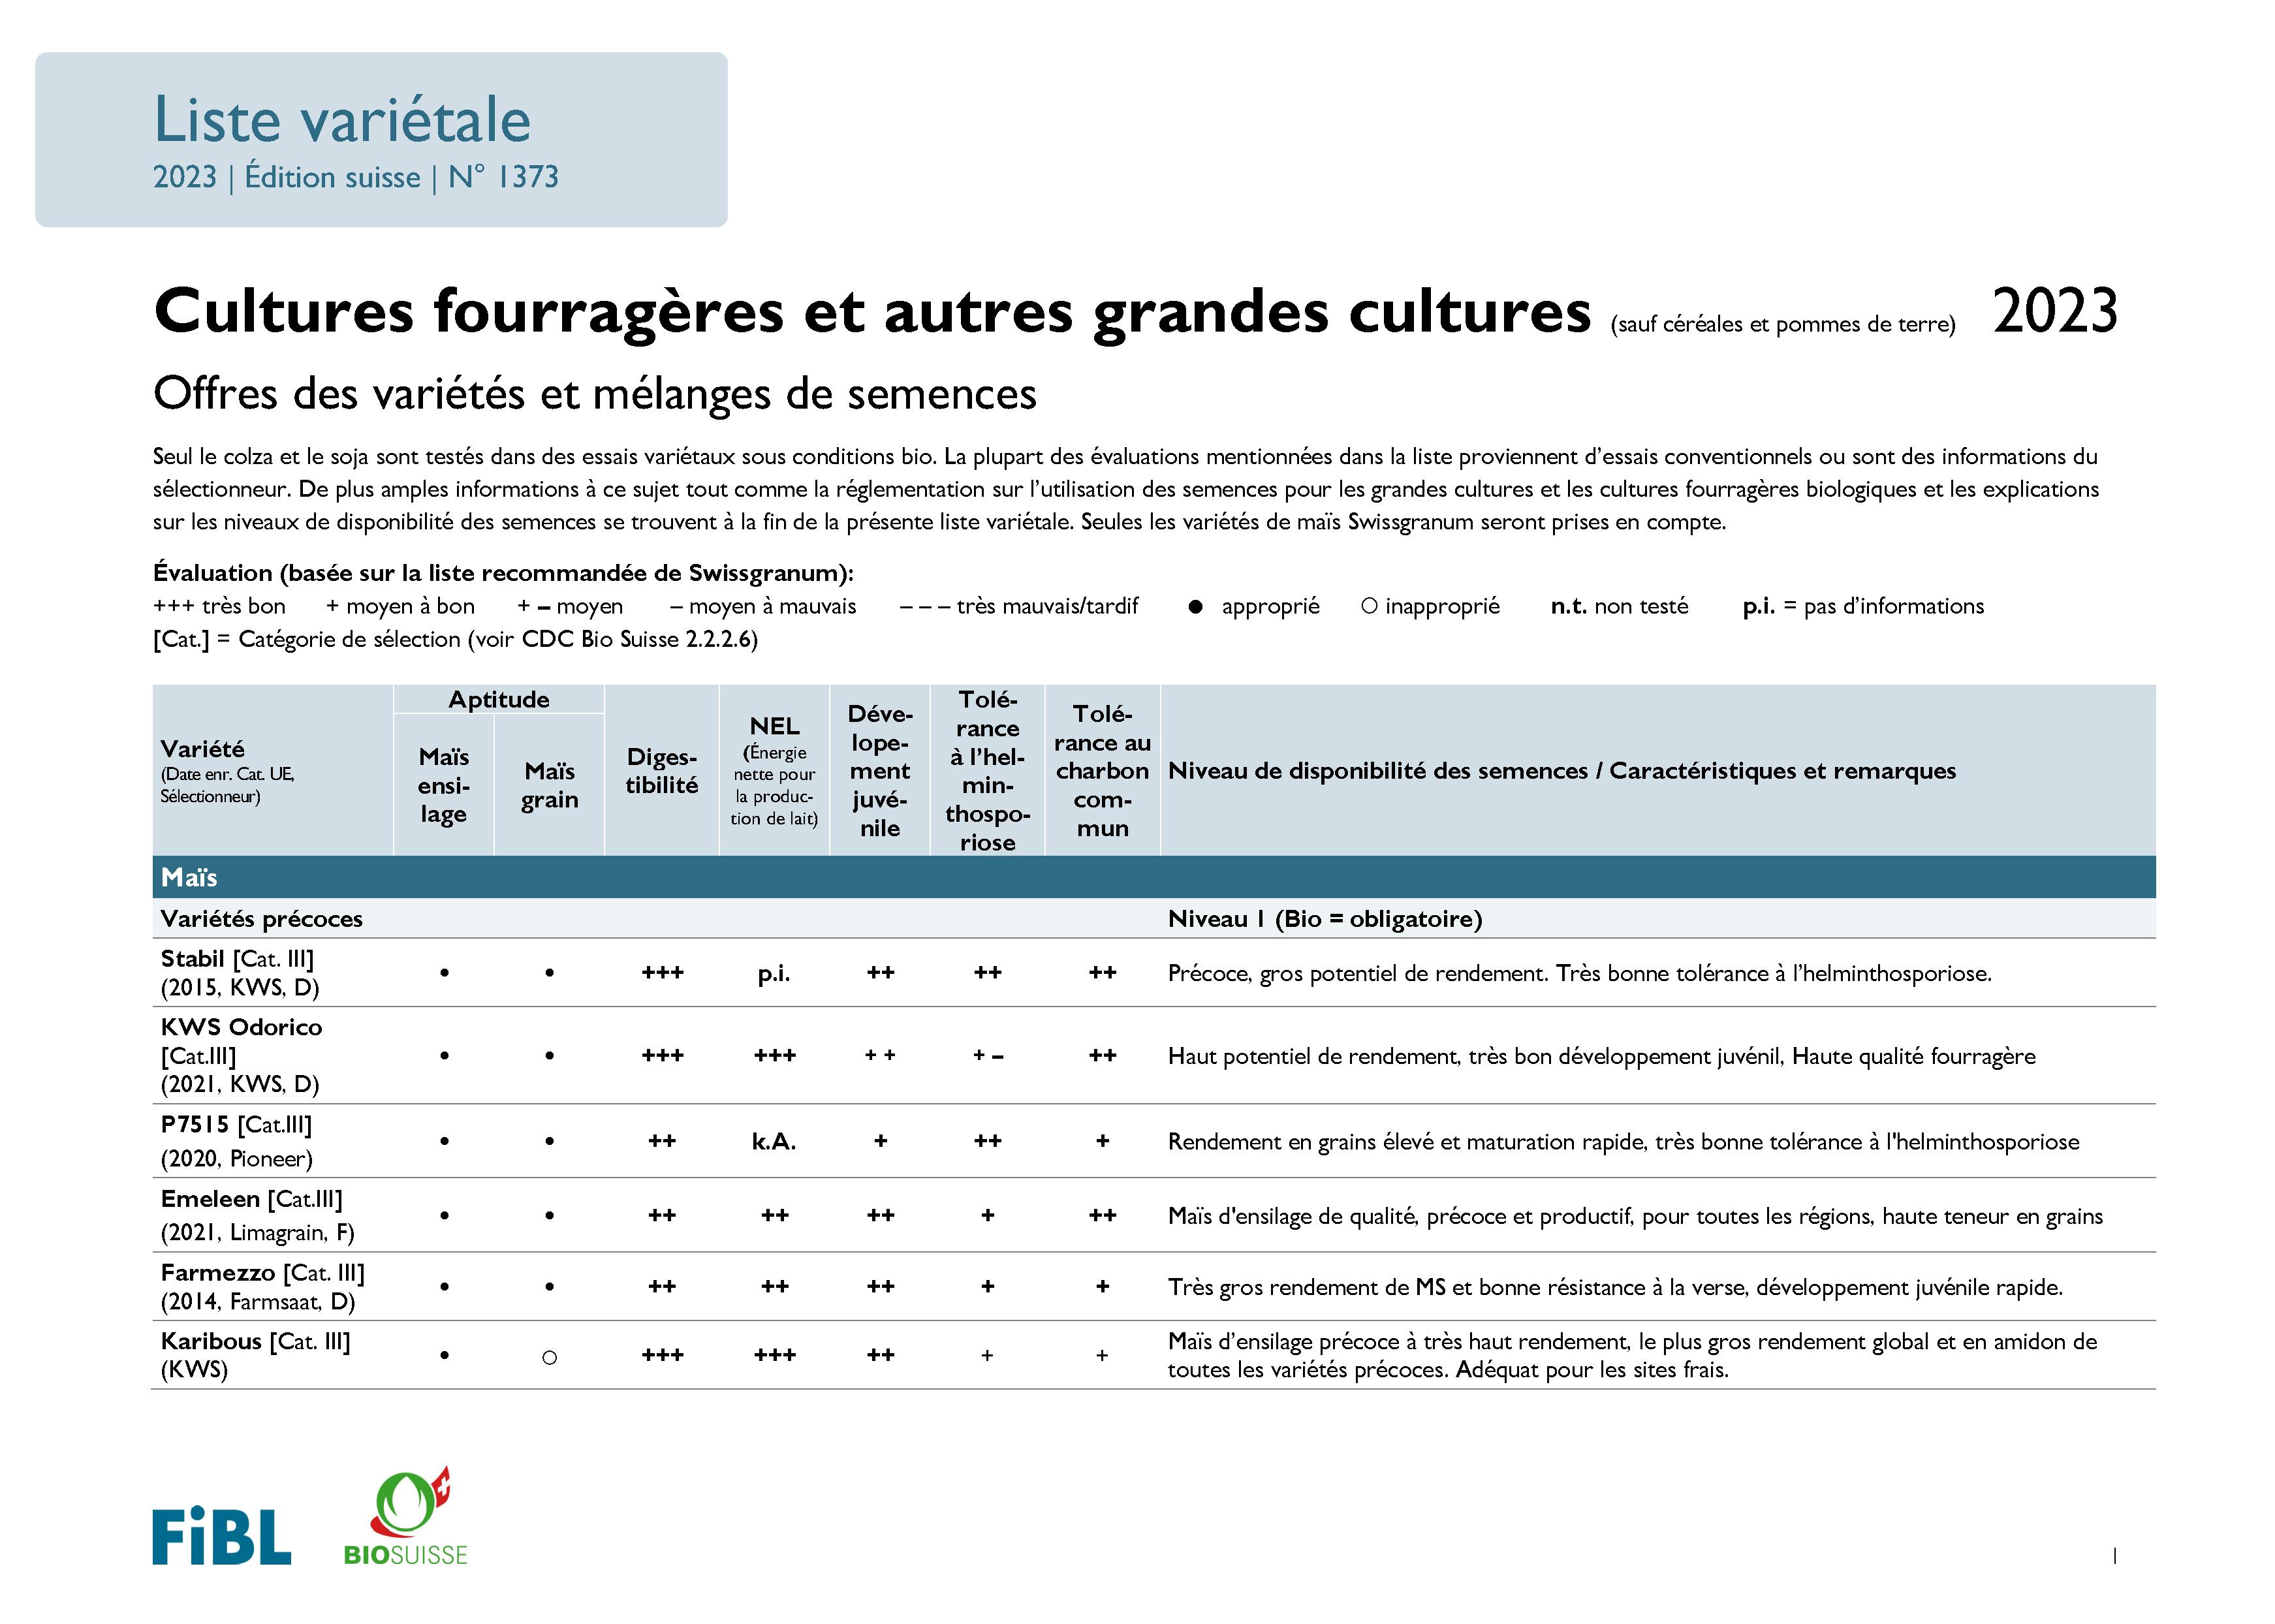 Liste variétale cultures fourragères et grandes cultures (sauf céréales et pommes de terre)